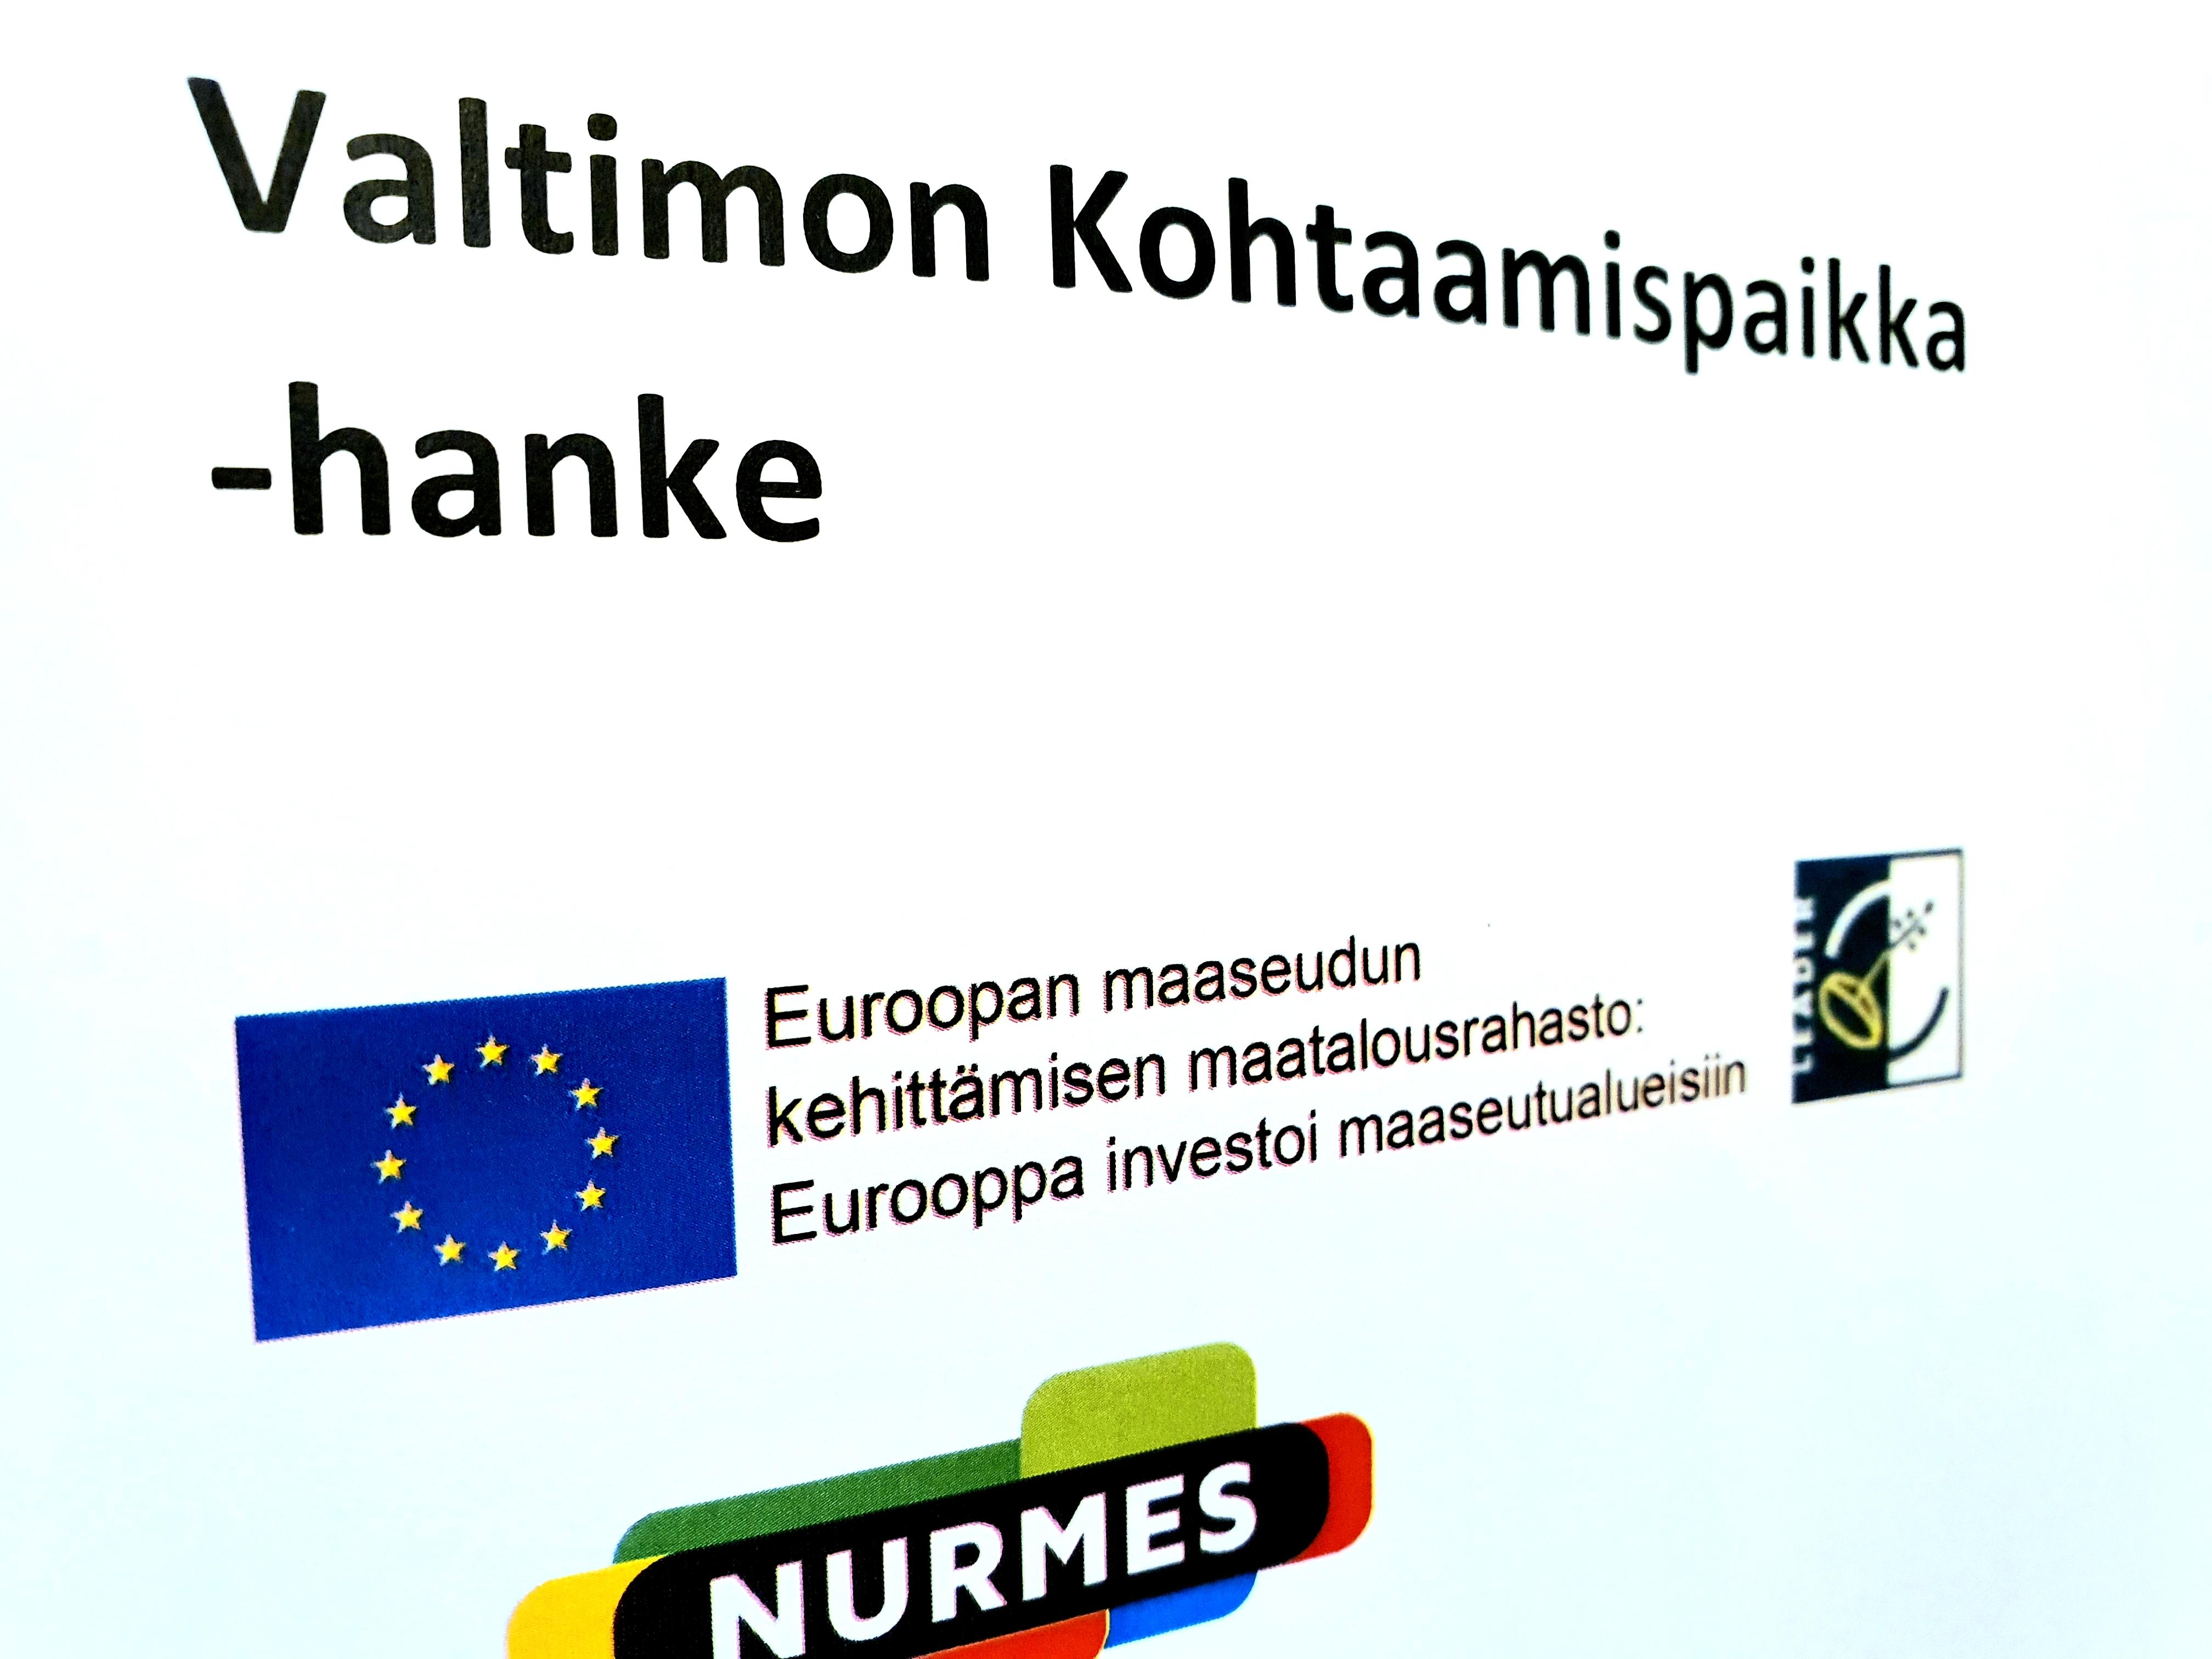 Valtimon Kohtaamispaikka Hanke Nurmes